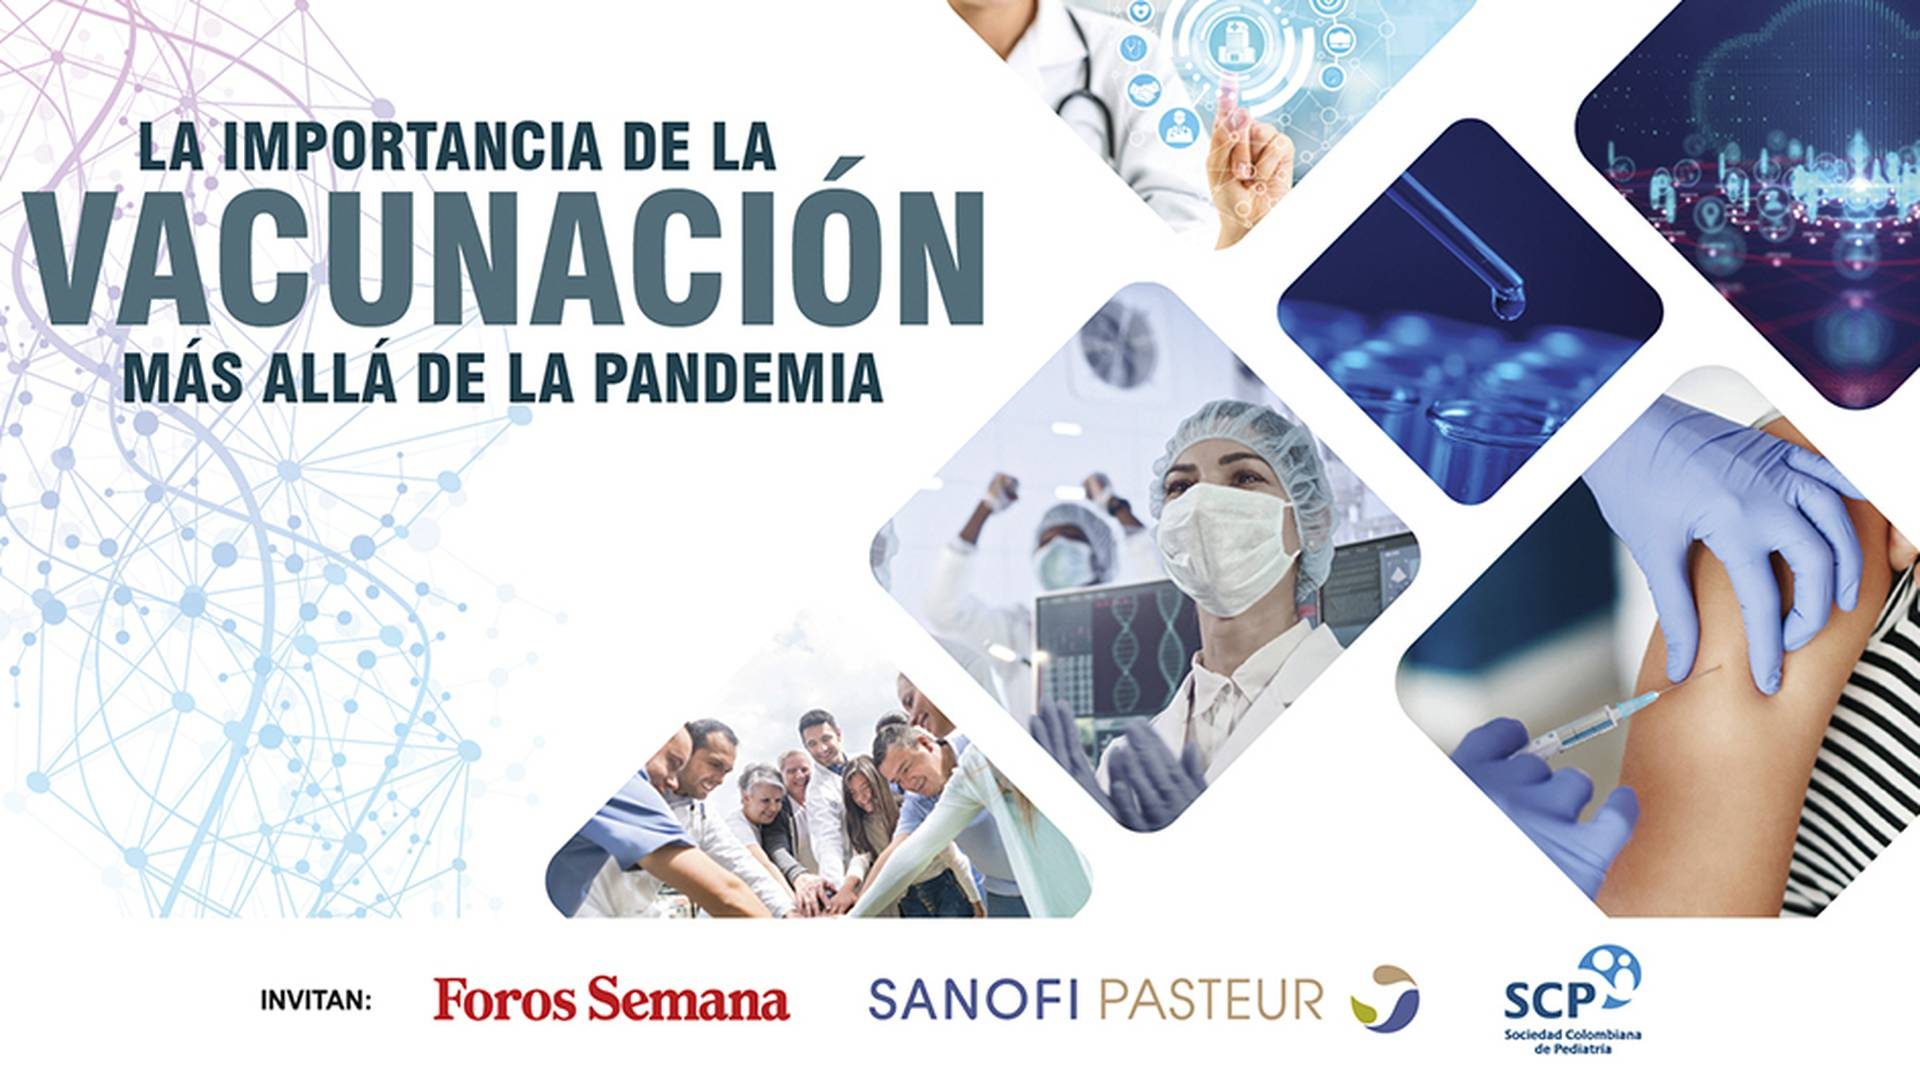 'La importancia de la vacunación más allá de la pandemia'